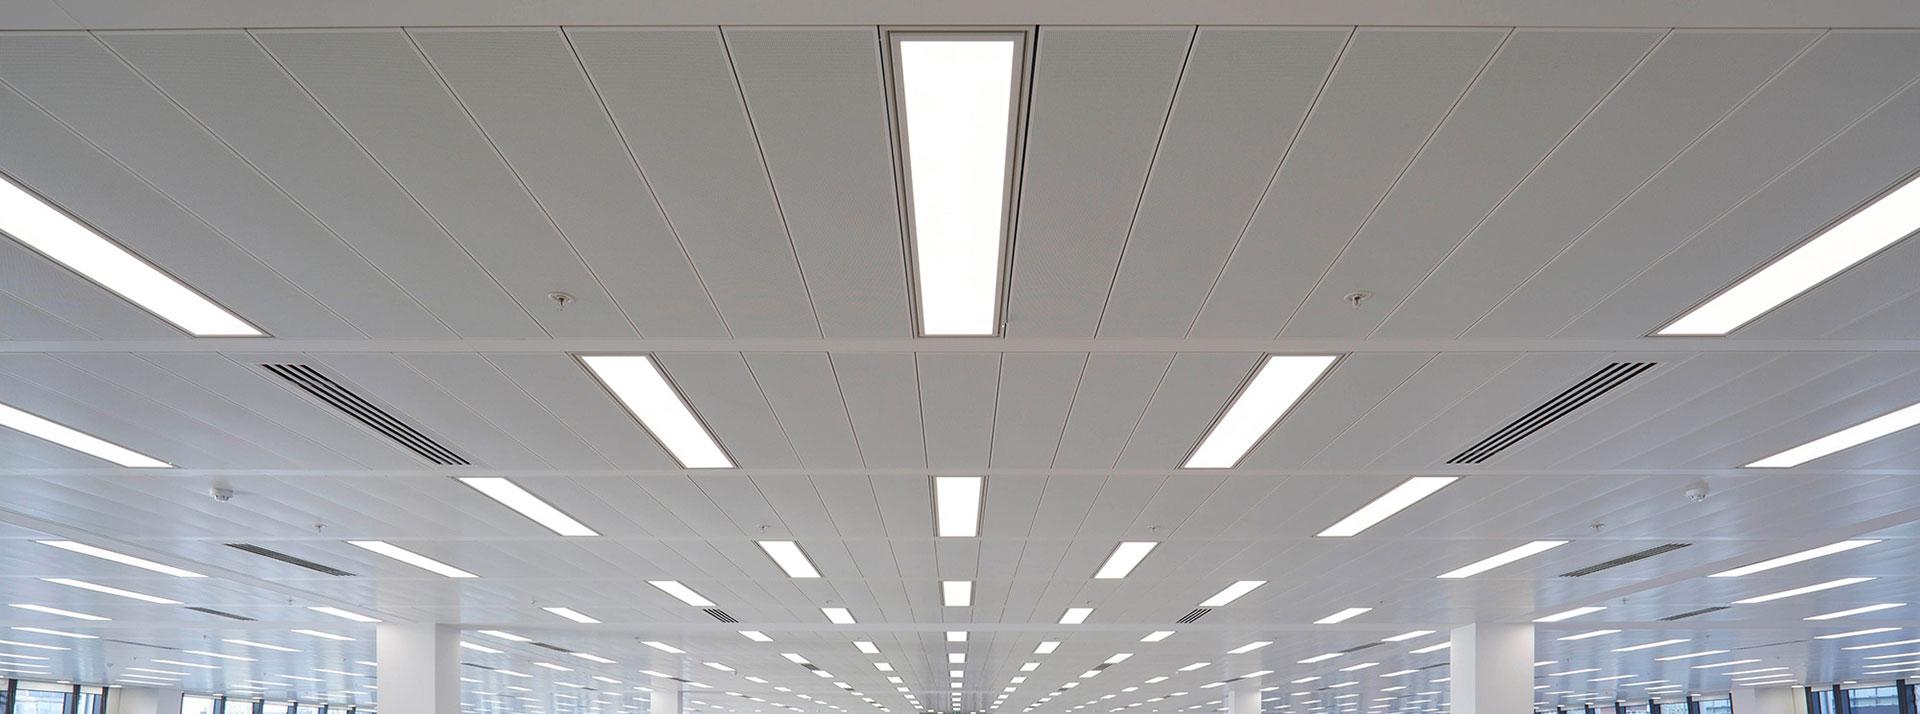 Lighting Fixtures Tests